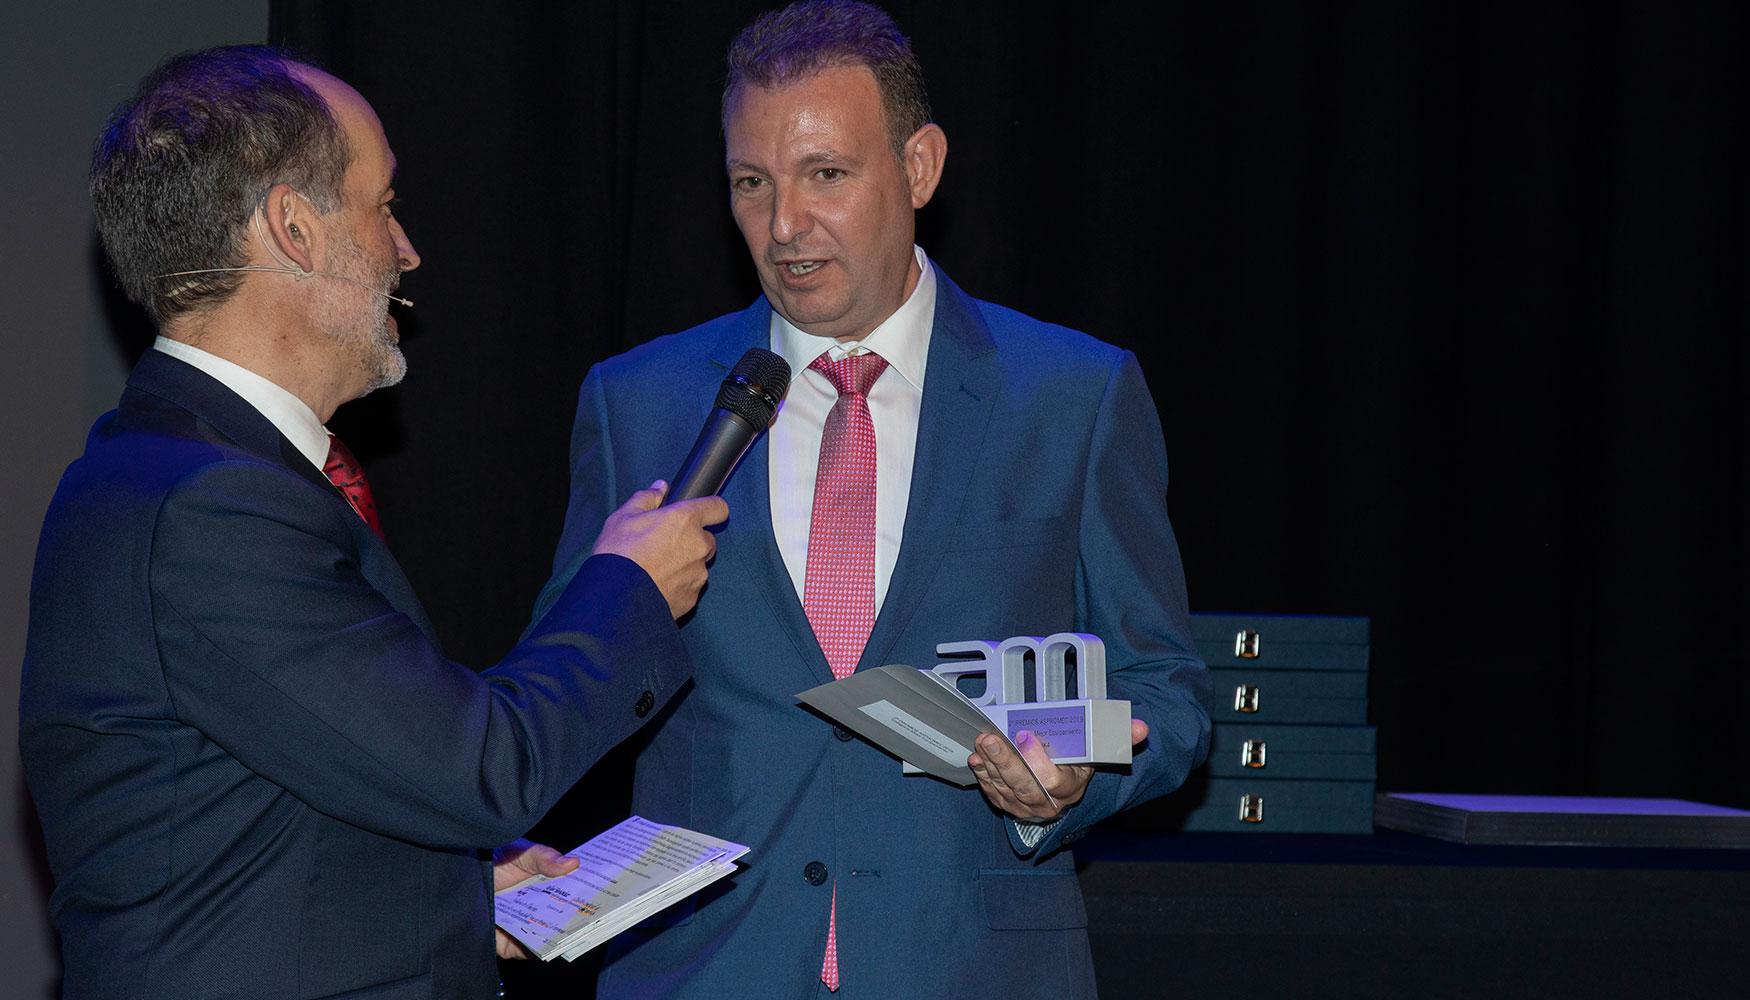 Hizo entrega de este premio Rafael Fernández, vocal de ASPROMEC y director comercial de Rohn Iberica, que el mismo recogió en nombre de IK4, que no pudo asistir al acto.